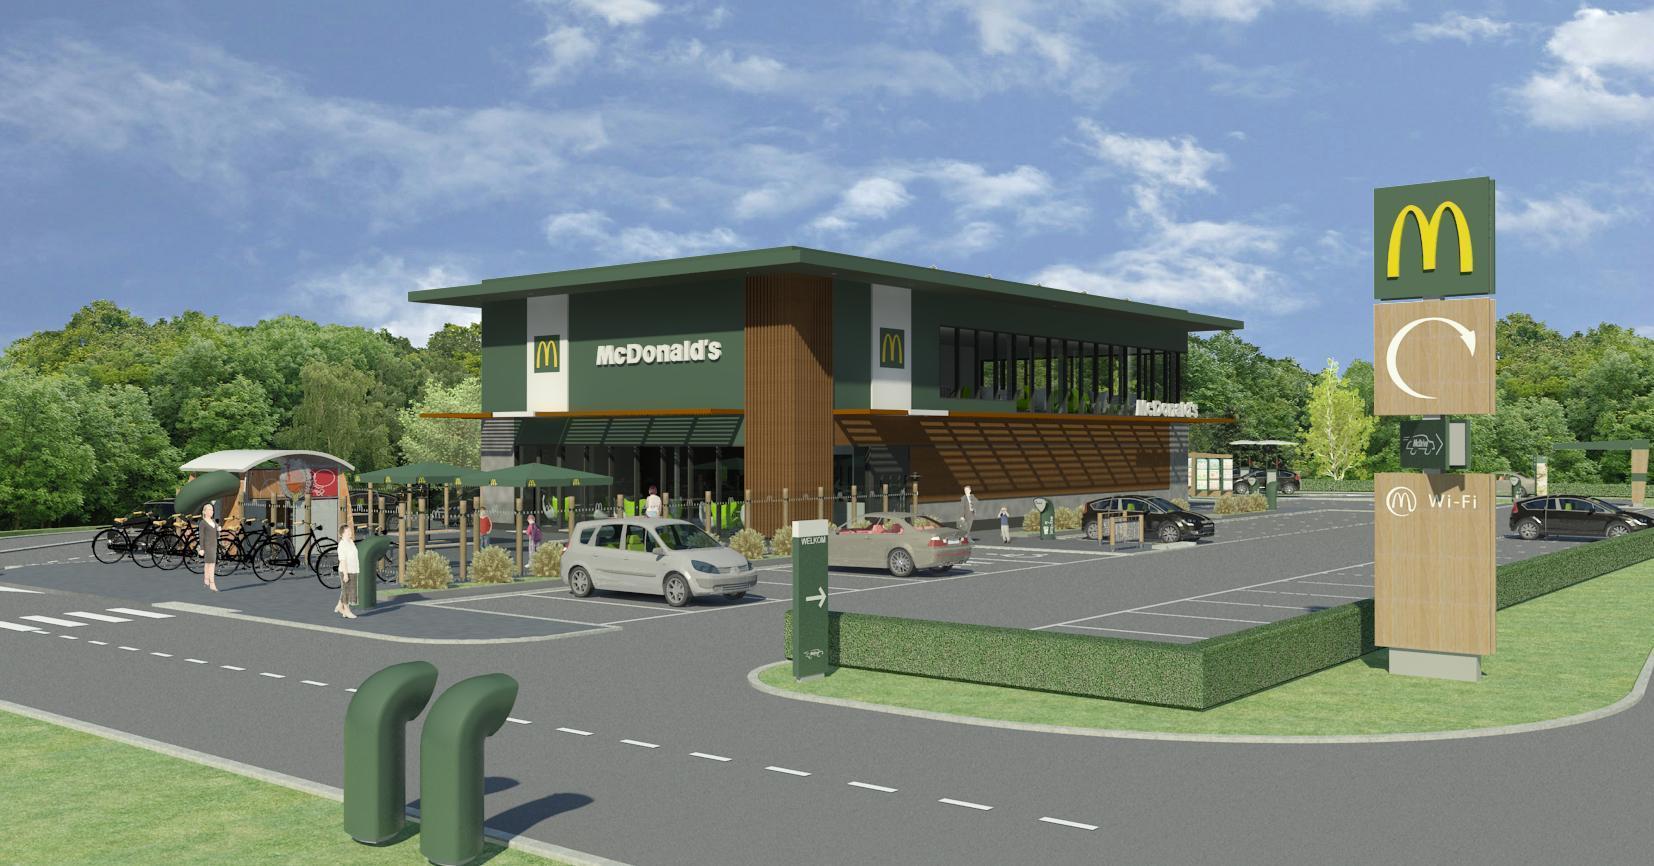 Binnenkort starten wij met de nieuwbouw van de McDonald's te Harderwijk #pleijsier https://t.co/JPCyMswaxT